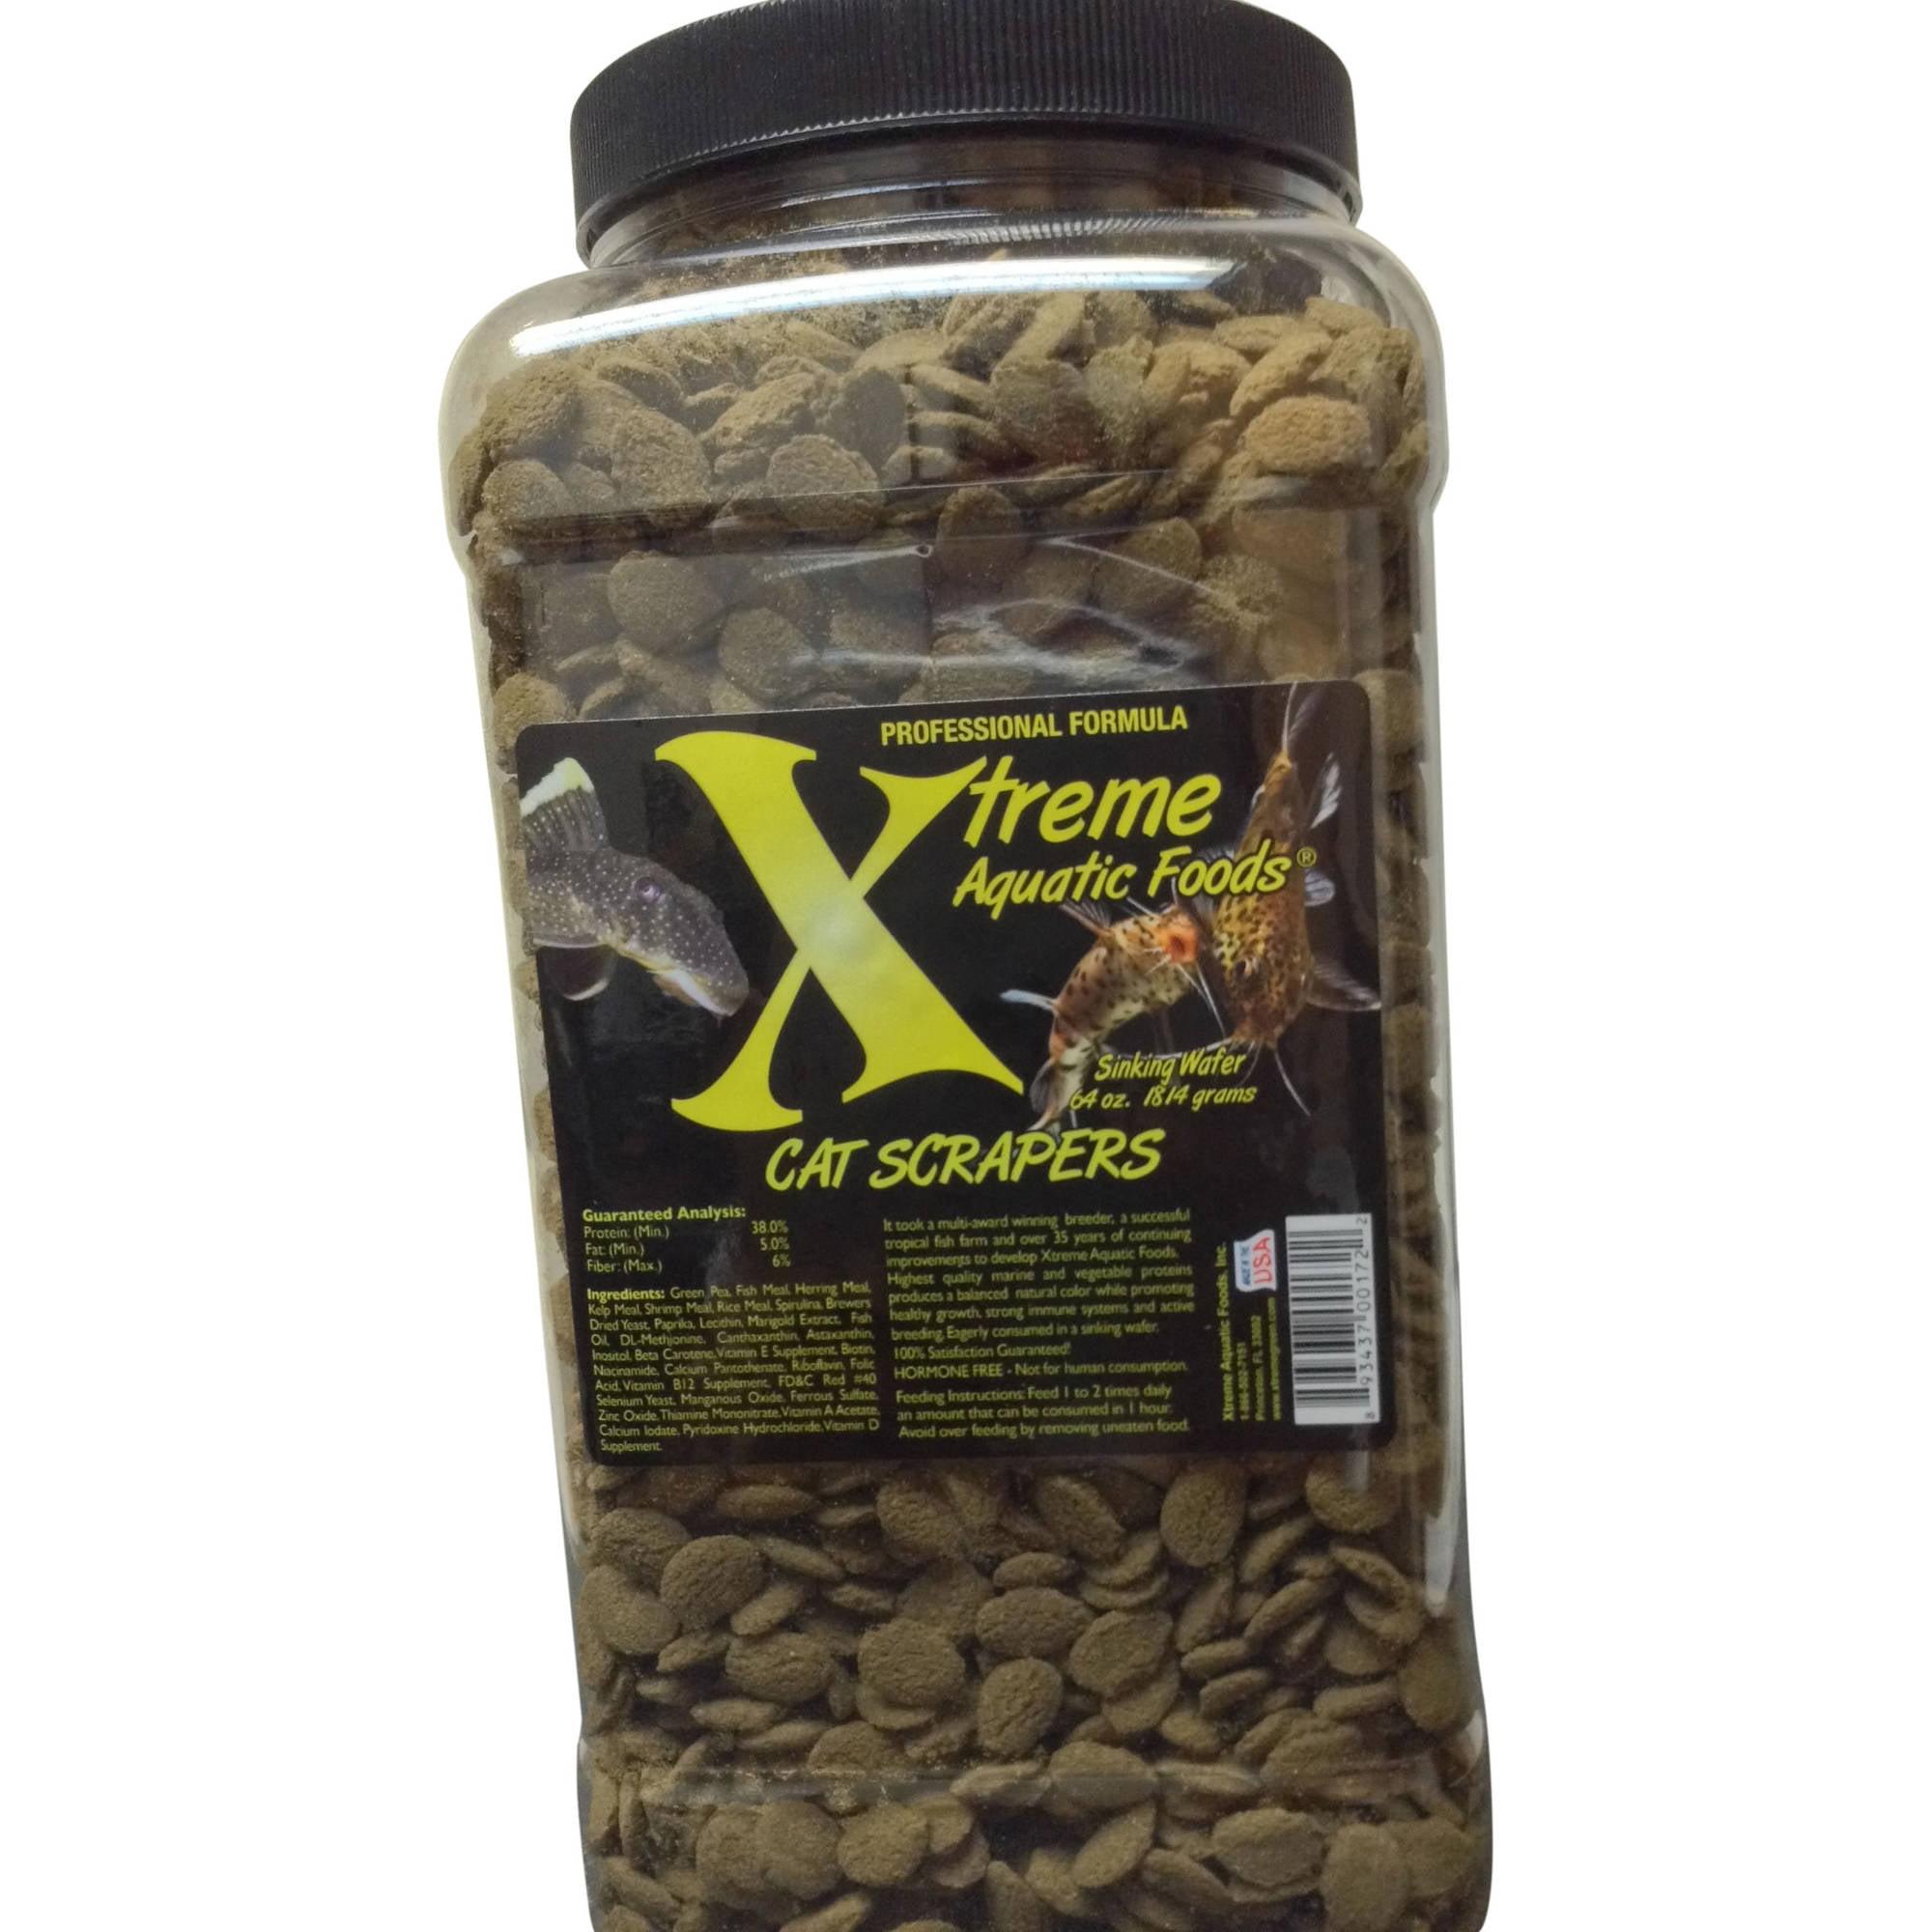 Xtreme Aquatic Foods 2172-G Cat Scrapers Fish Food